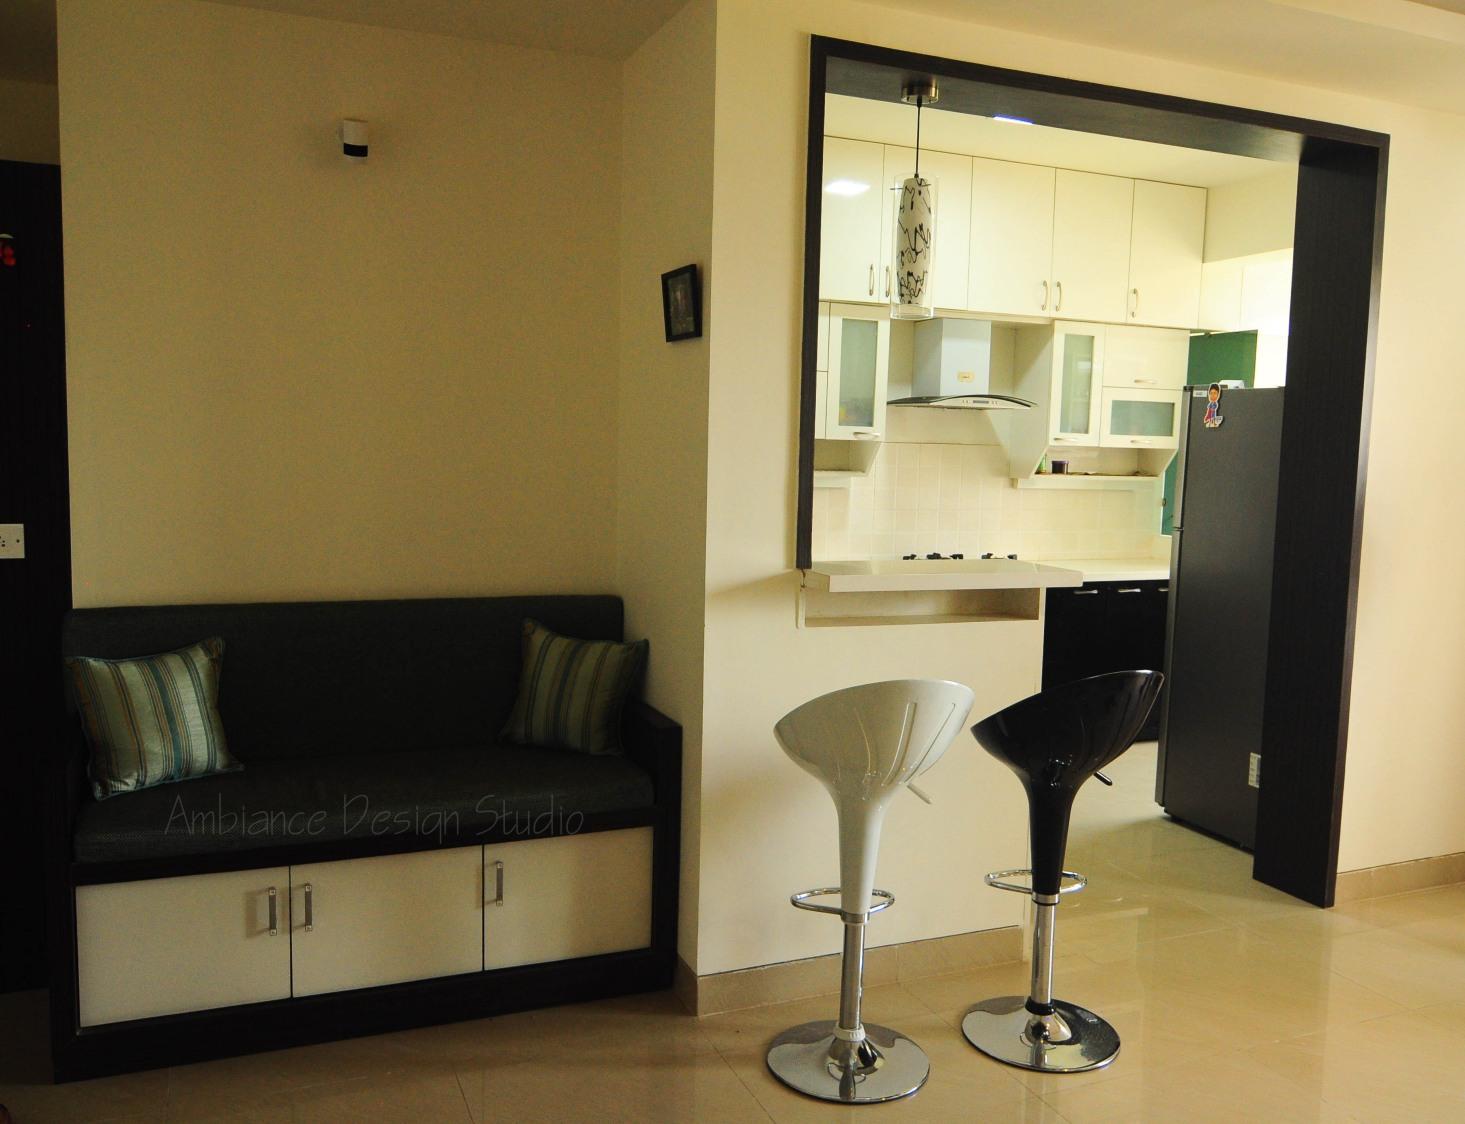 Monochrome Tones by Manasa Bharadwaj Living-room Contemporary | Interior Design Photos & Ideas